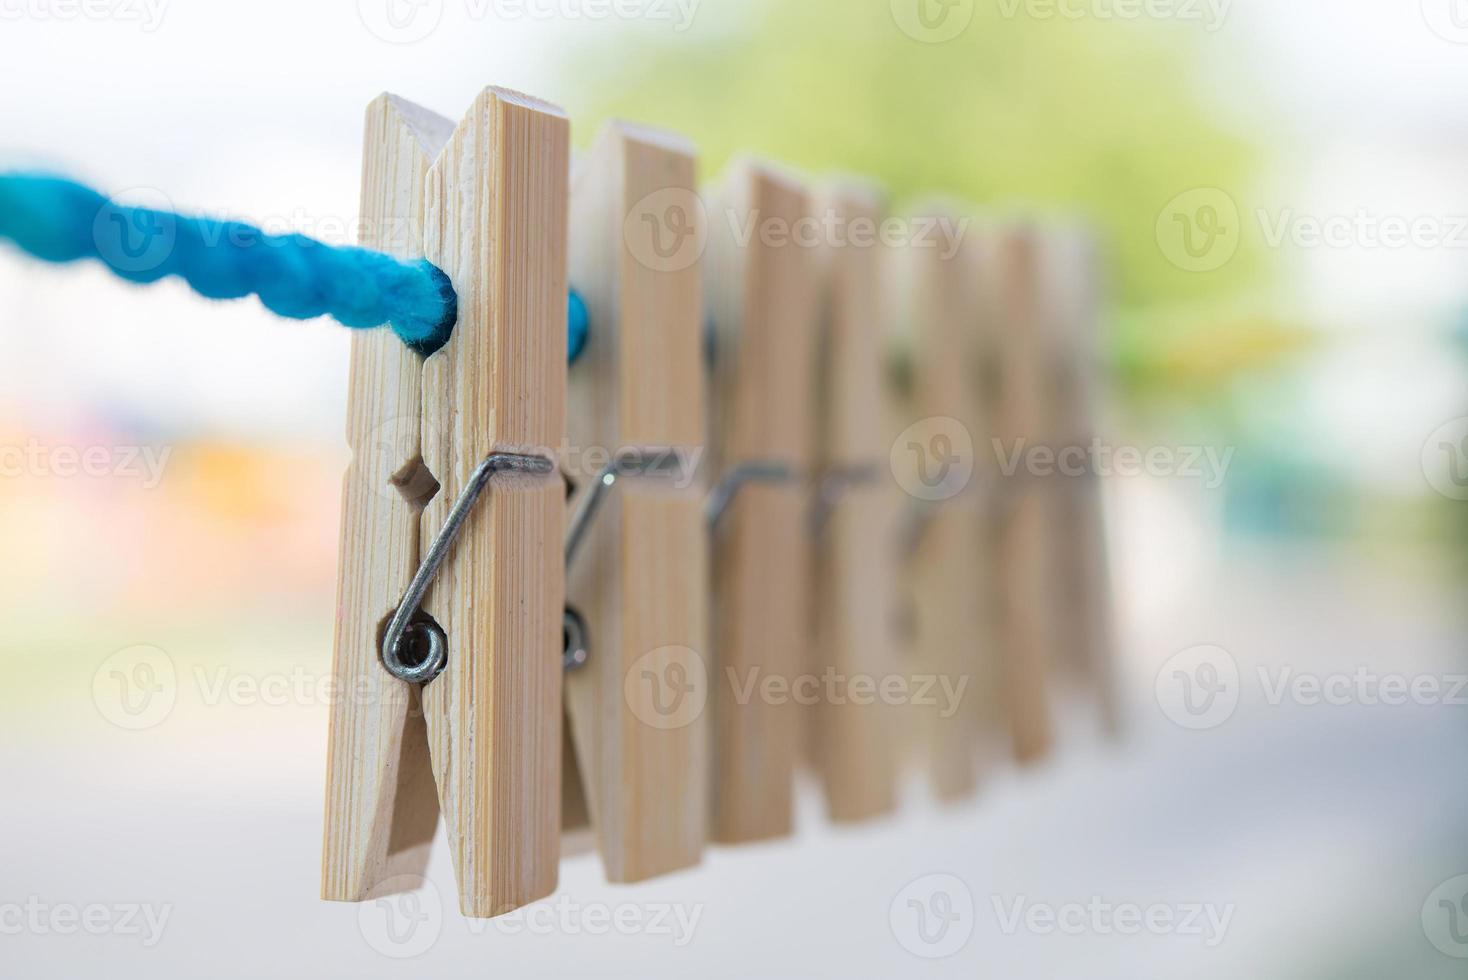 houten wasknijper opknoping op touw foto